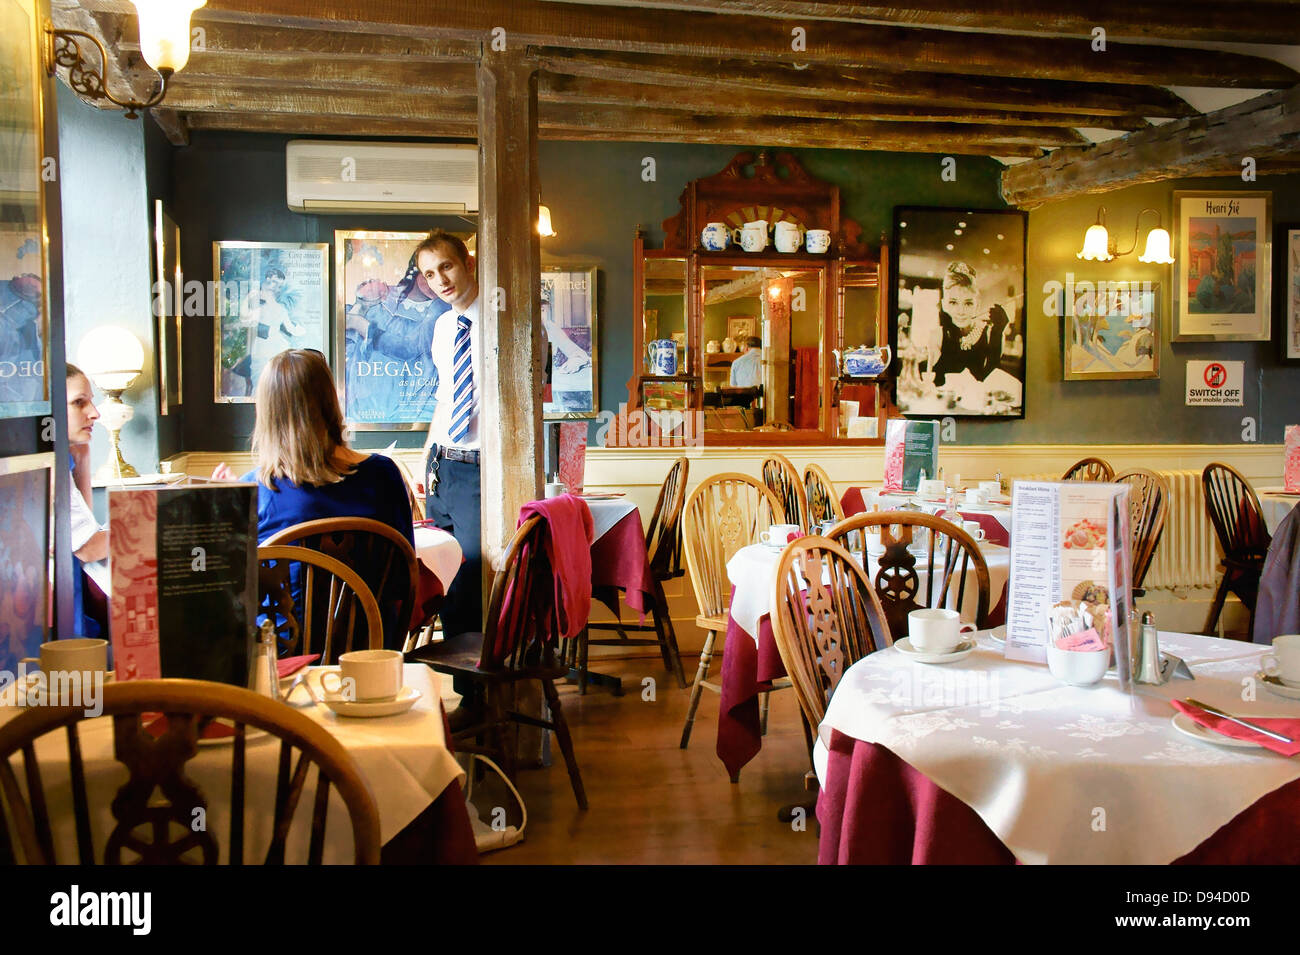 The Polly Tea Room